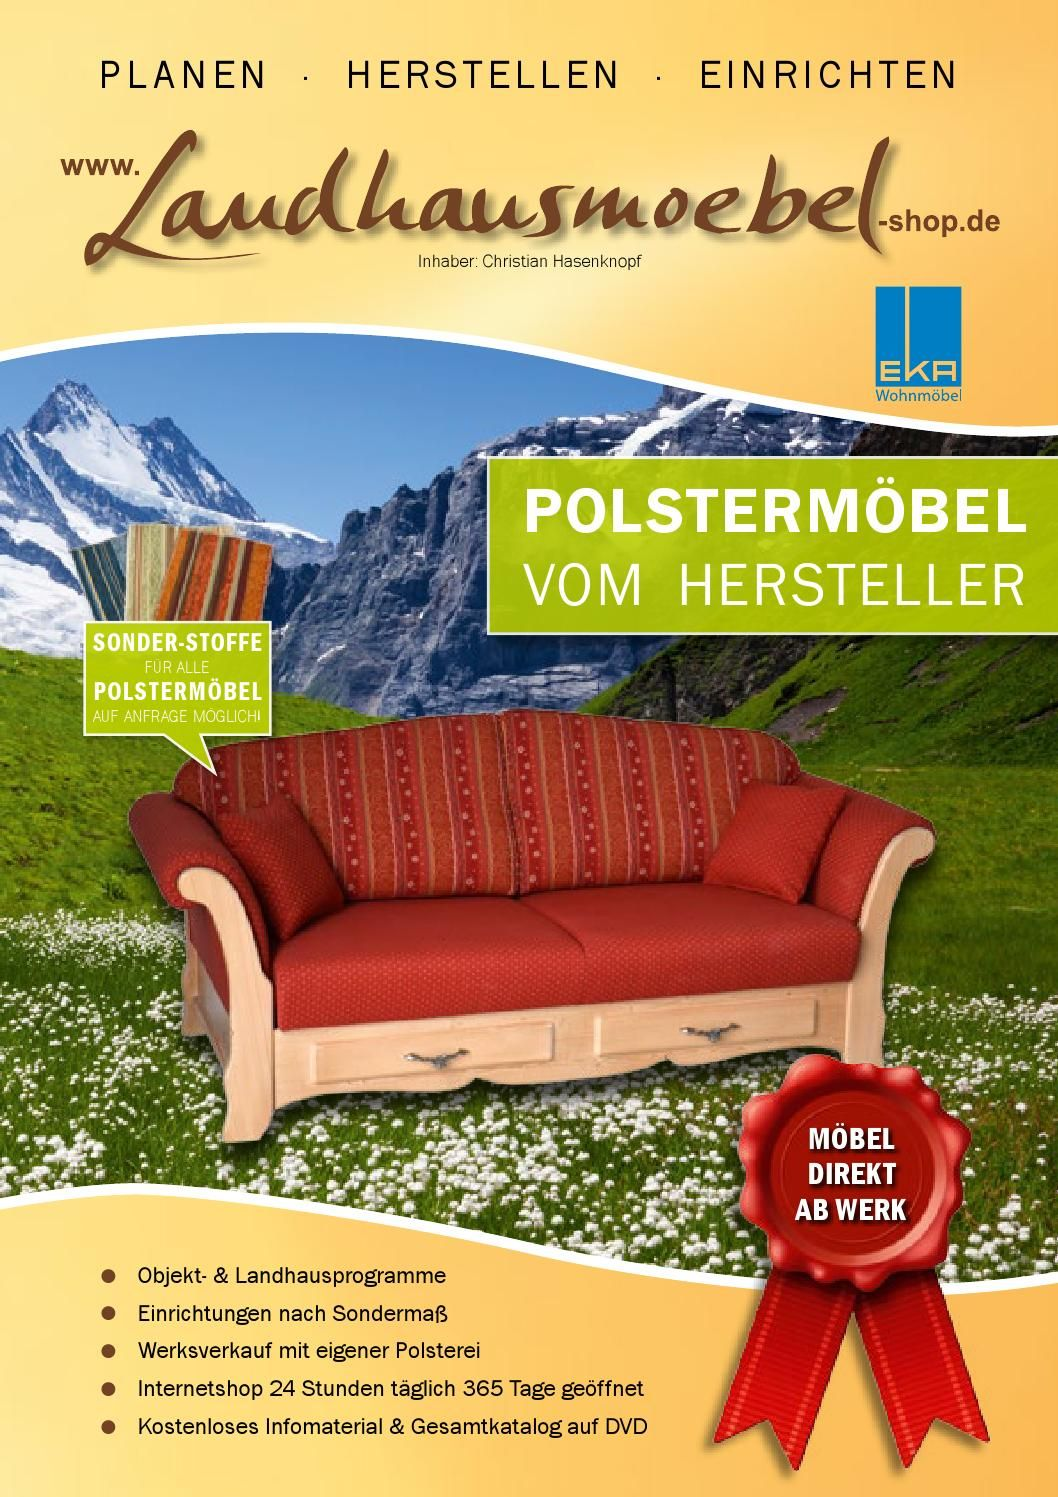 2 Landhausmoebel Shop.de Landhauspolstermöbel Übersicht Für Landhausmöbel  Und Polstermöbel Aus Franken. Auszugsofas